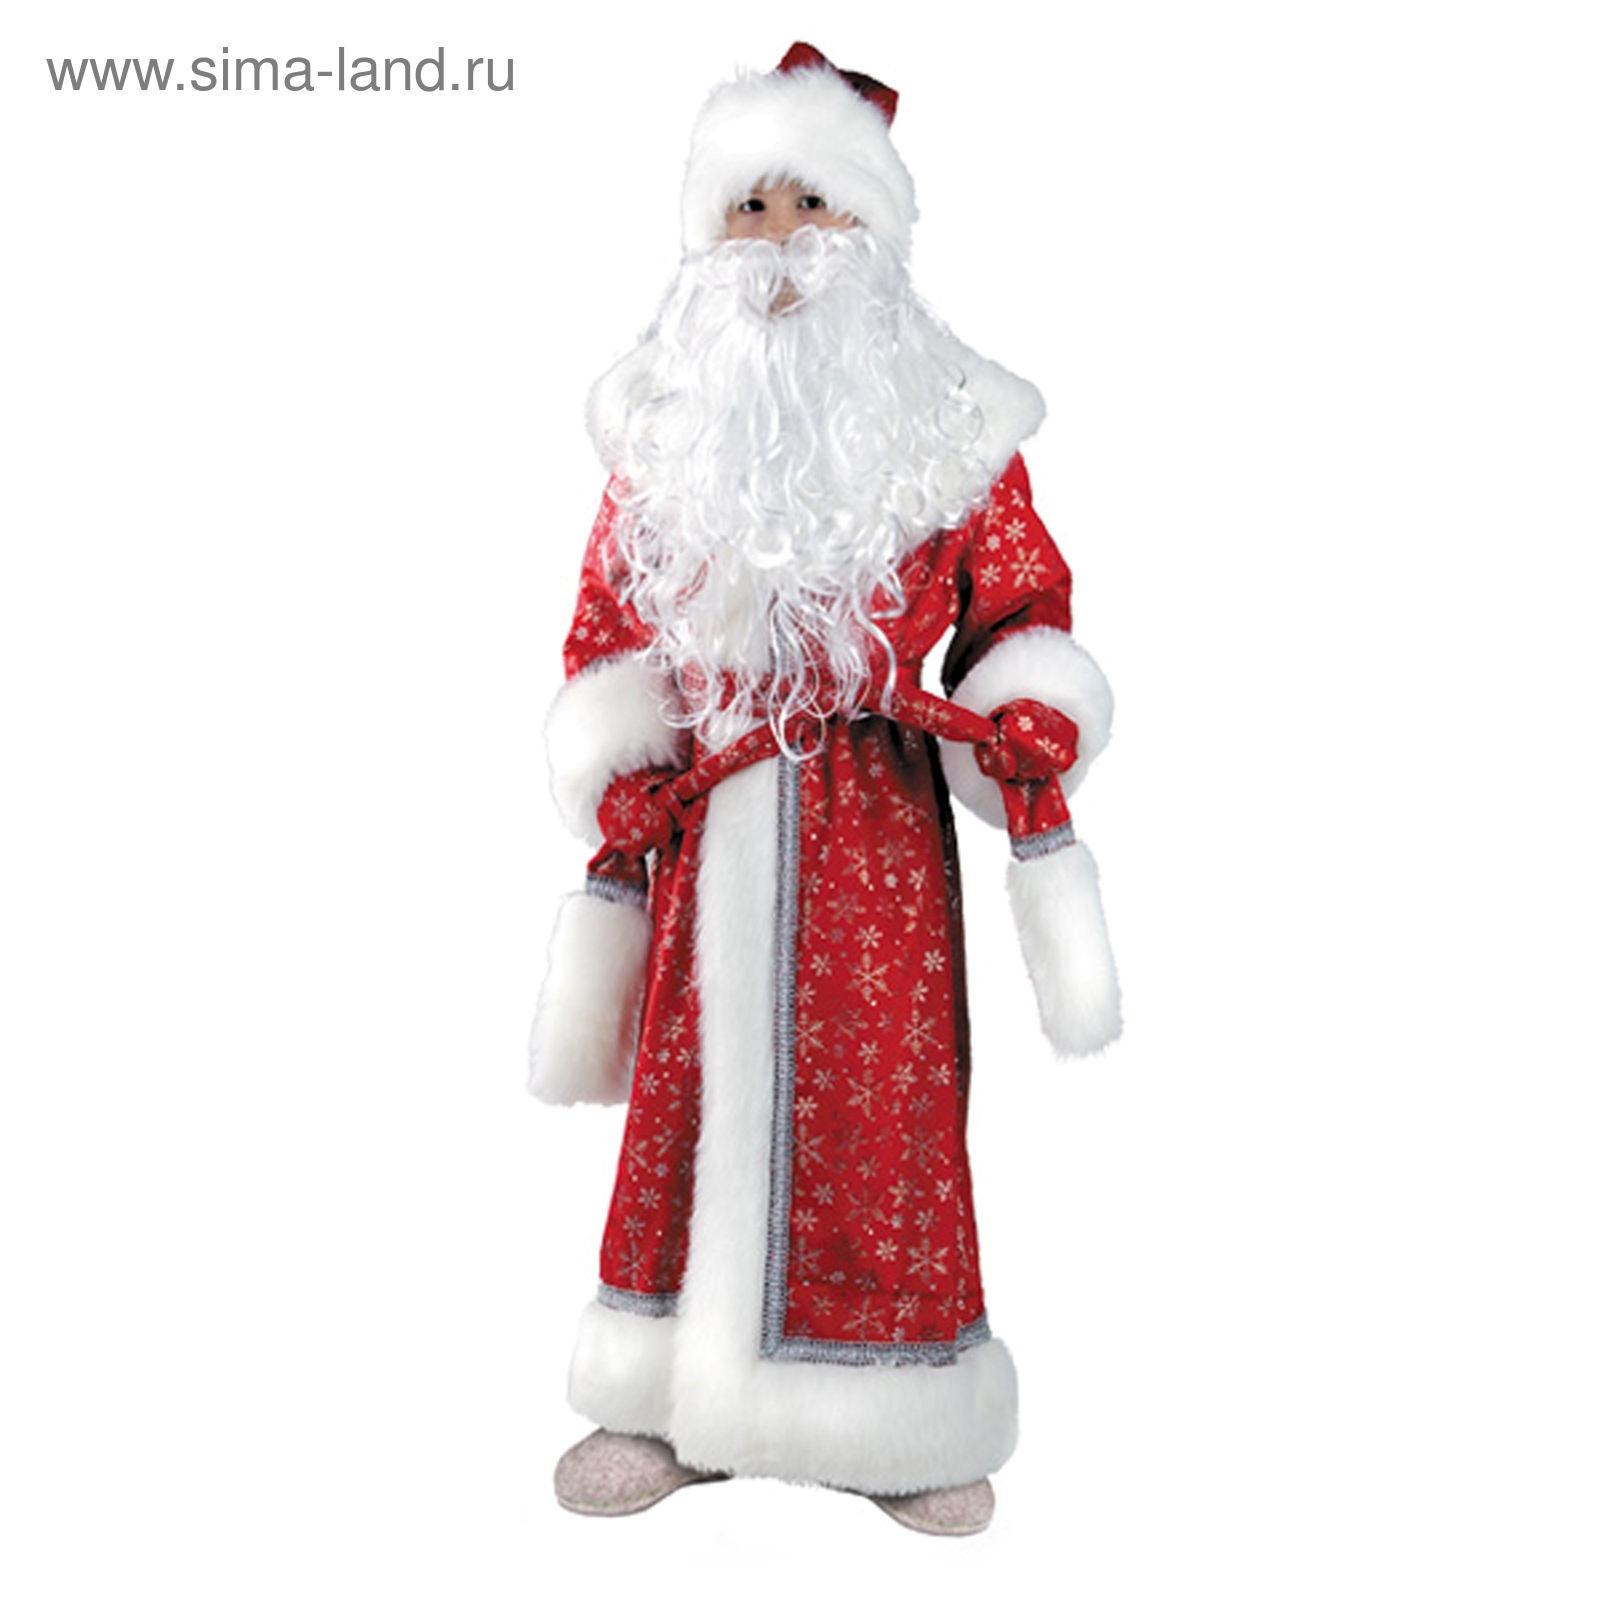 Детский карнавальный костюм «Дед Мороз», плюш, размер 32-34, рост ... 436d0db05e1